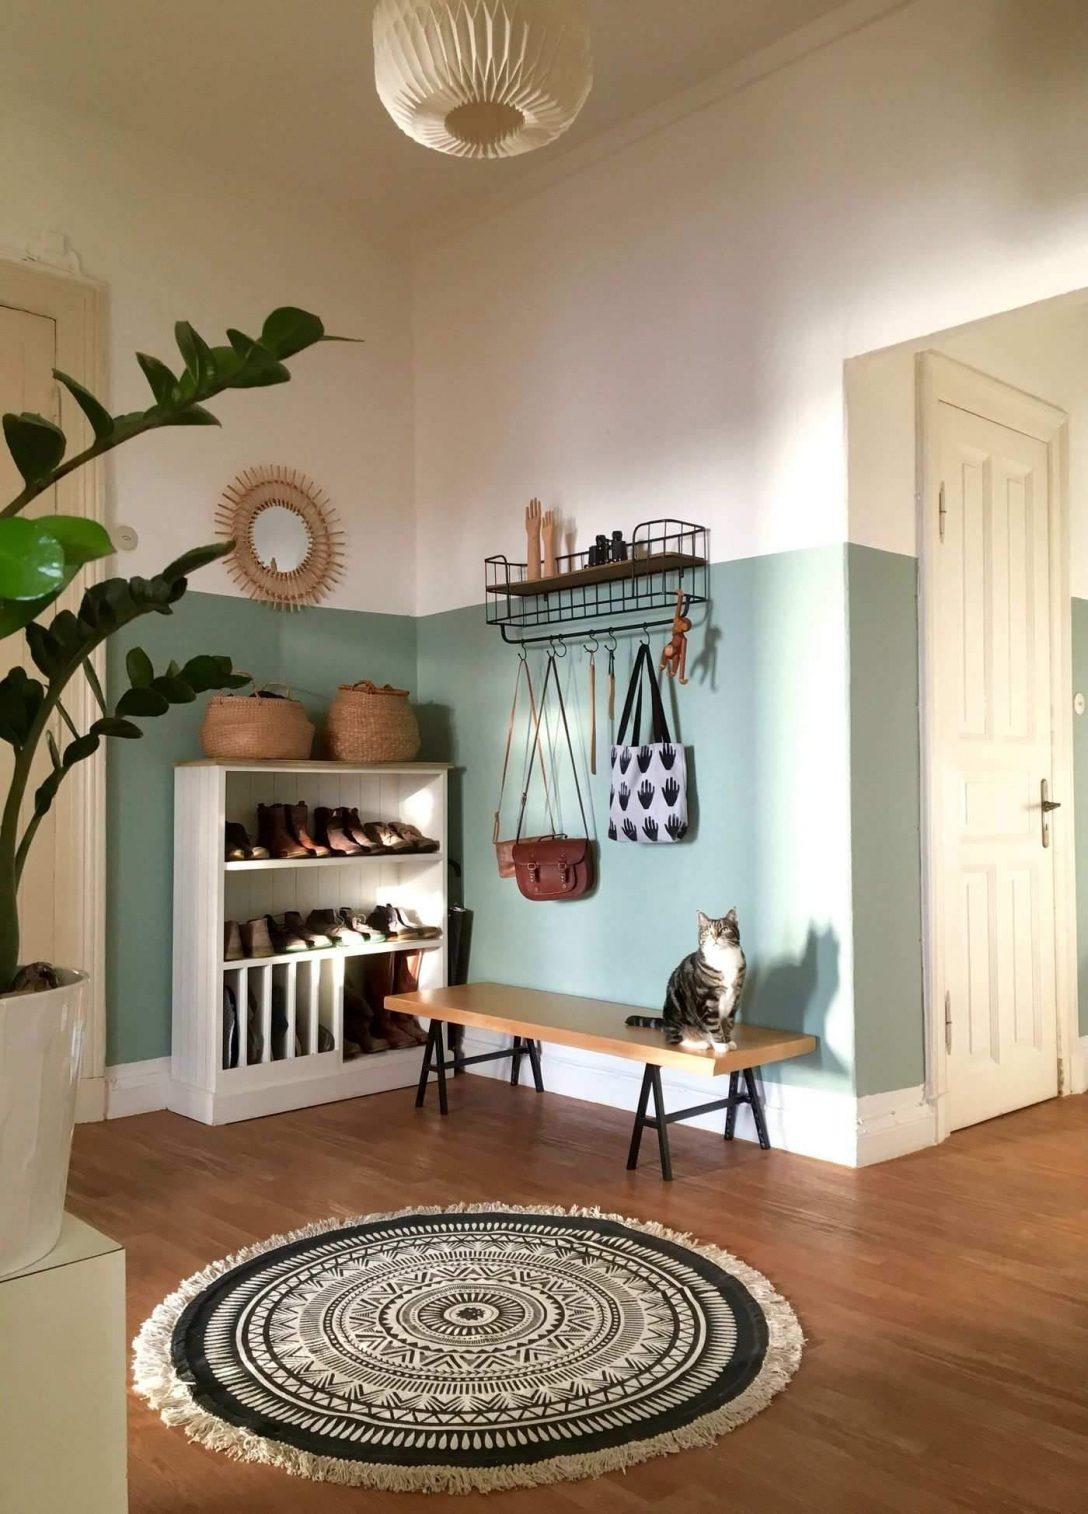 Full Size of Tapeten Wohnzimmer Ideen Wandgestaltung Bilder Farbe Beispiele Lampe Xxl Vorhänge Anbauwand Hängeschrank Teppich Tischlampe Kommode Komplett Tisch Sessel Wohnzimmer Tapeten Wohnzimmer Ideen